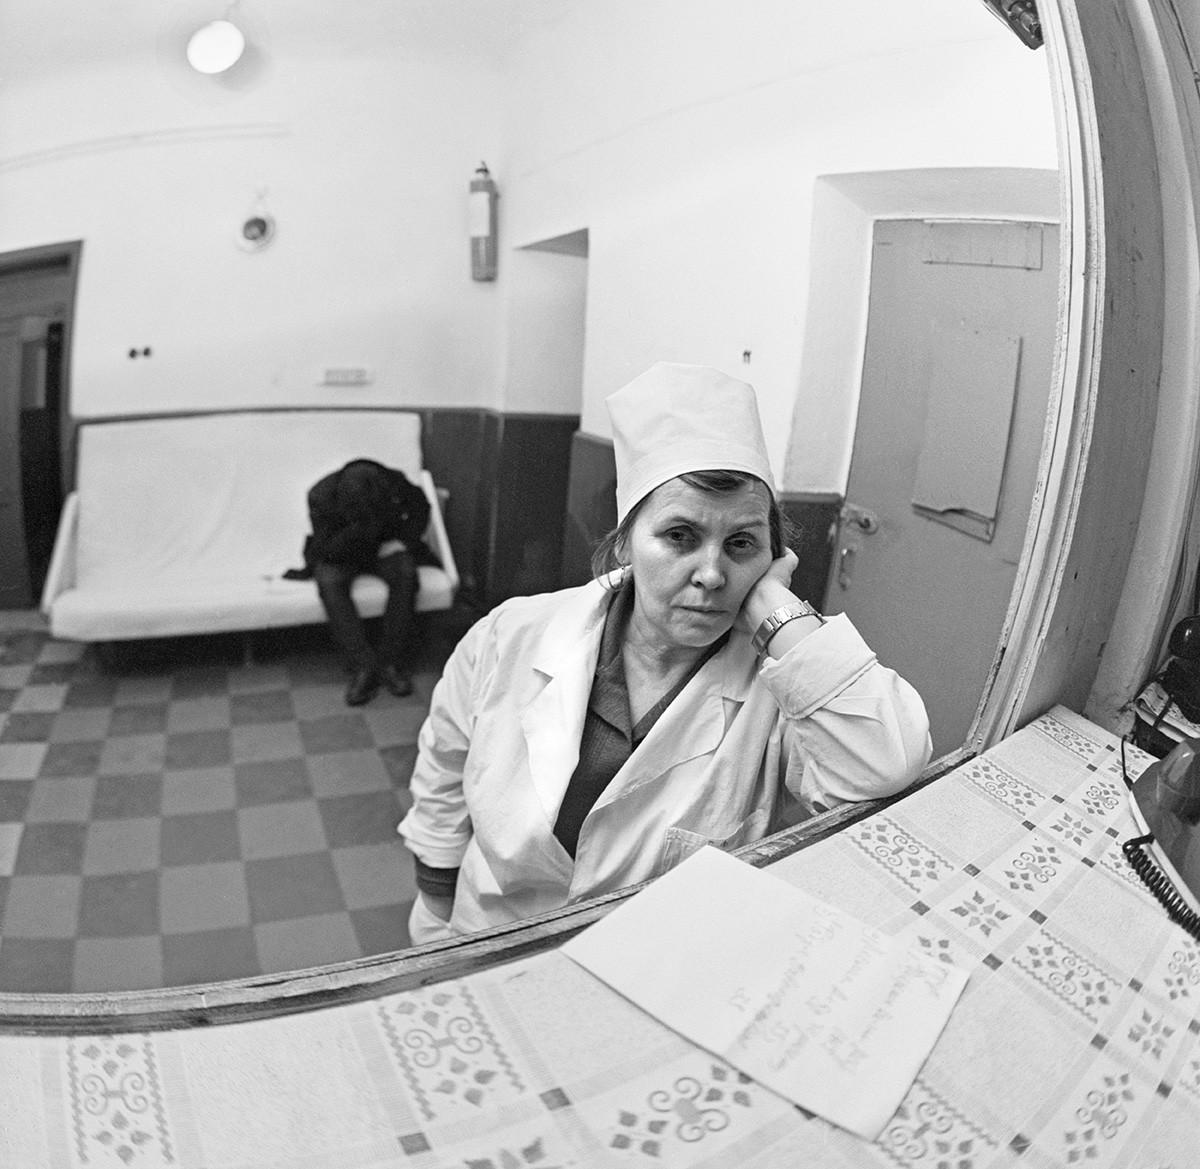 Evgenija Fomovna Telipan, infermiera del centro di disintossicazione medica di Kishinev, sul posto di lavoro. 31 dicembre 1987, Repubblica Socialista Sovietica Moldava, URSS